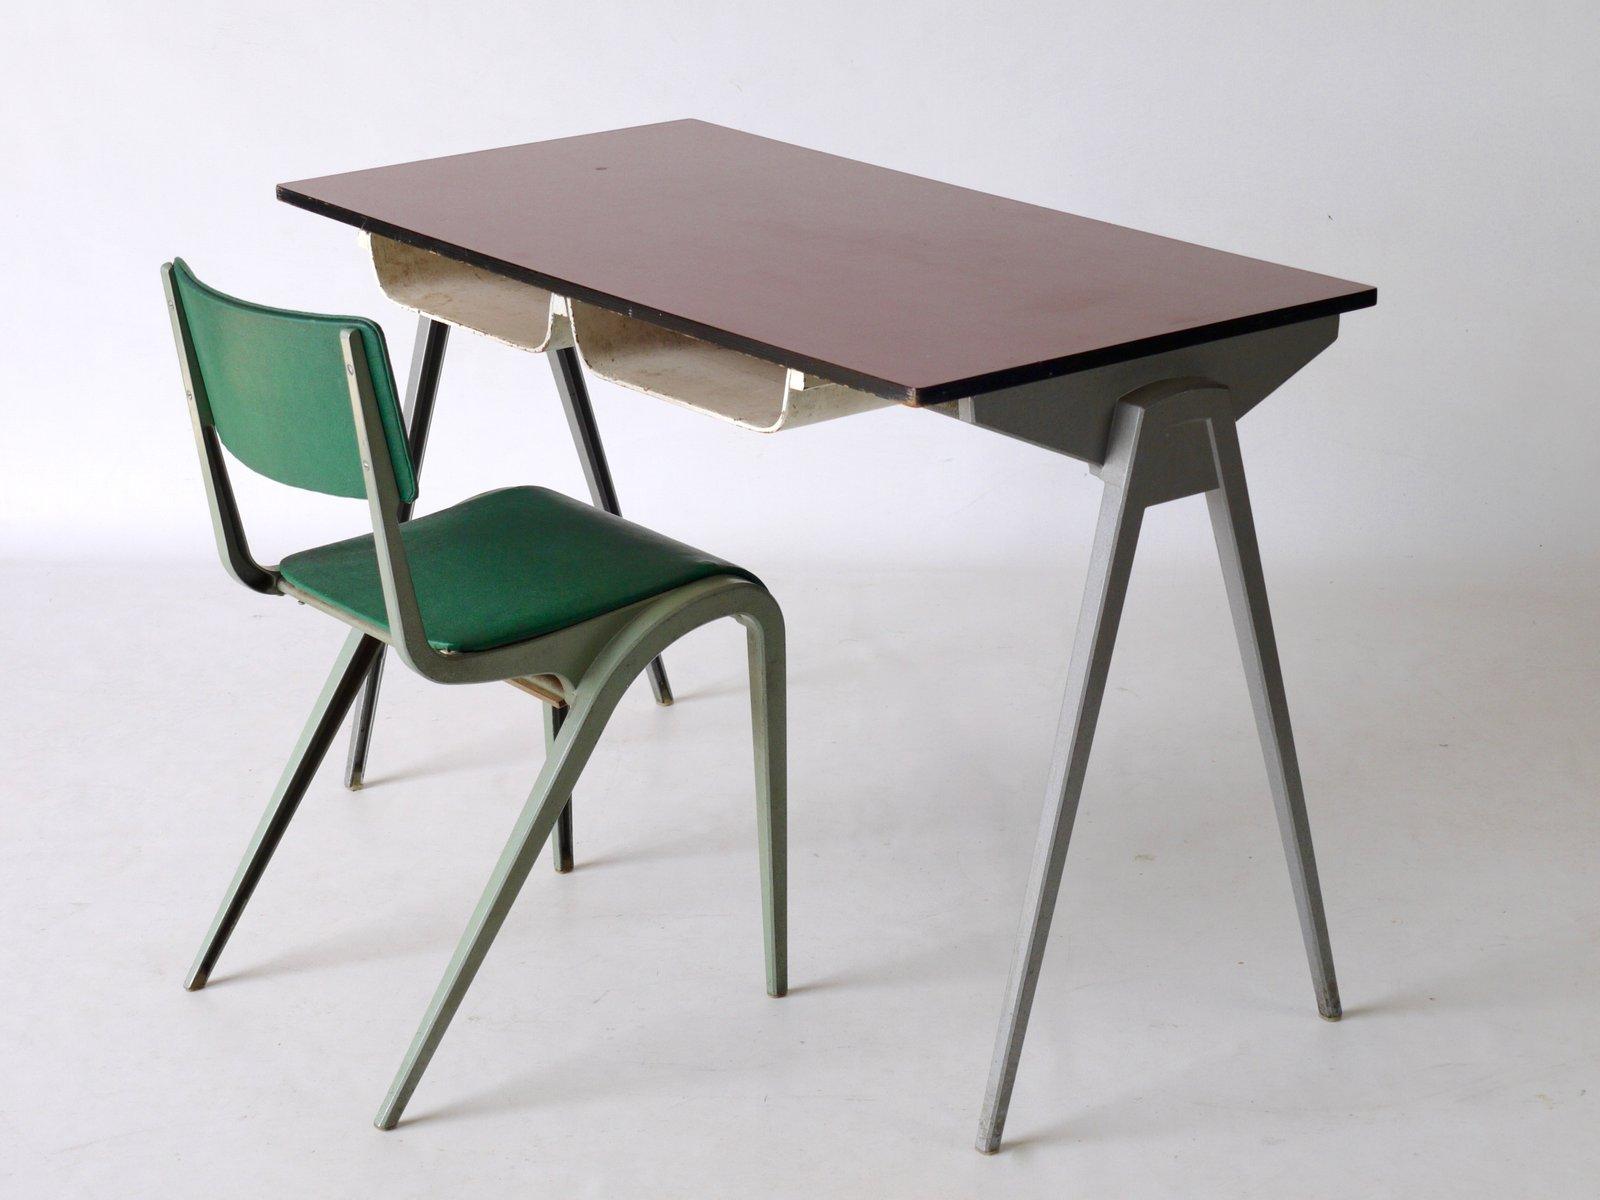 schreibtisch stuhl von james leonard f r esa 1950er bei pamono kaufen. Black Bedroom Furniture Sets. Home Design Ideas